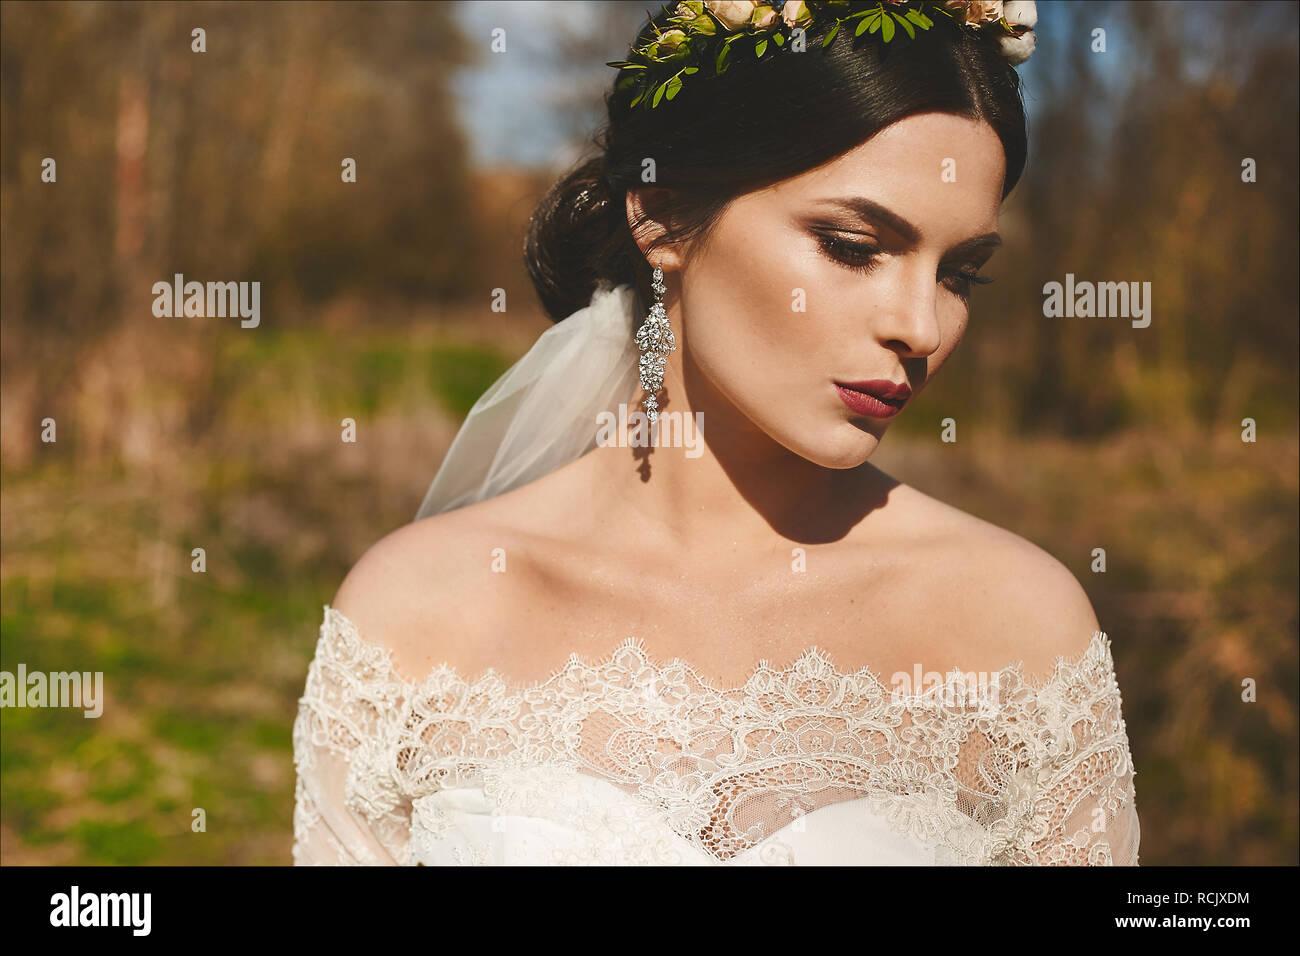 9317e511db Elegante y a la moda modelo morena chica con brillantes con maquillaje y  peinado de boda en